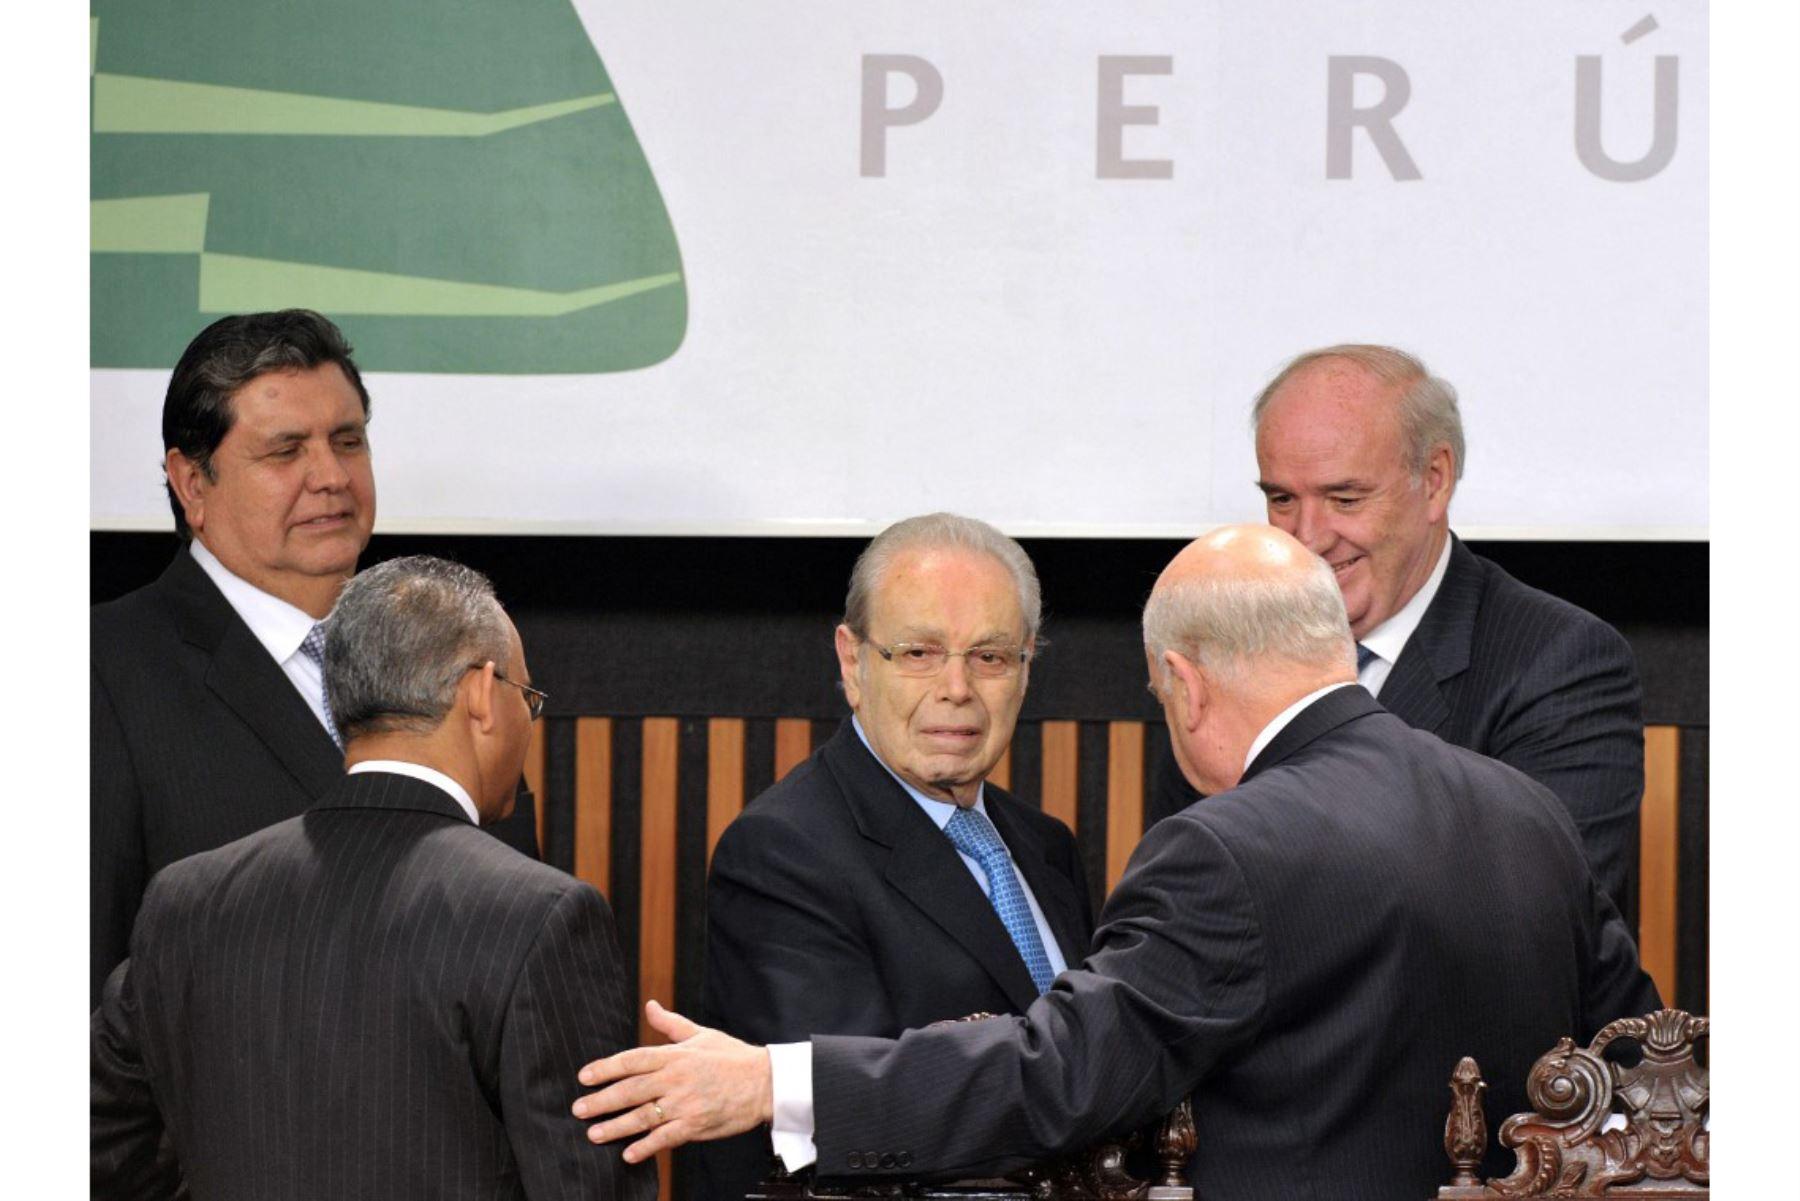 El diplomático peruano Javier Pérez de Cuéllar, quien se desempeñó como quinto Secretario General de las Naciones Unidas desde el 1 de enero de 1982 hasta el 31 de diciembre de 1991, es homenajeado durante la inauguración de la 40a Asamblea General de la OEA celebrada en el Museo Nacional en Lima, Perú, el 6 de junio de 2010. Foto: AFP